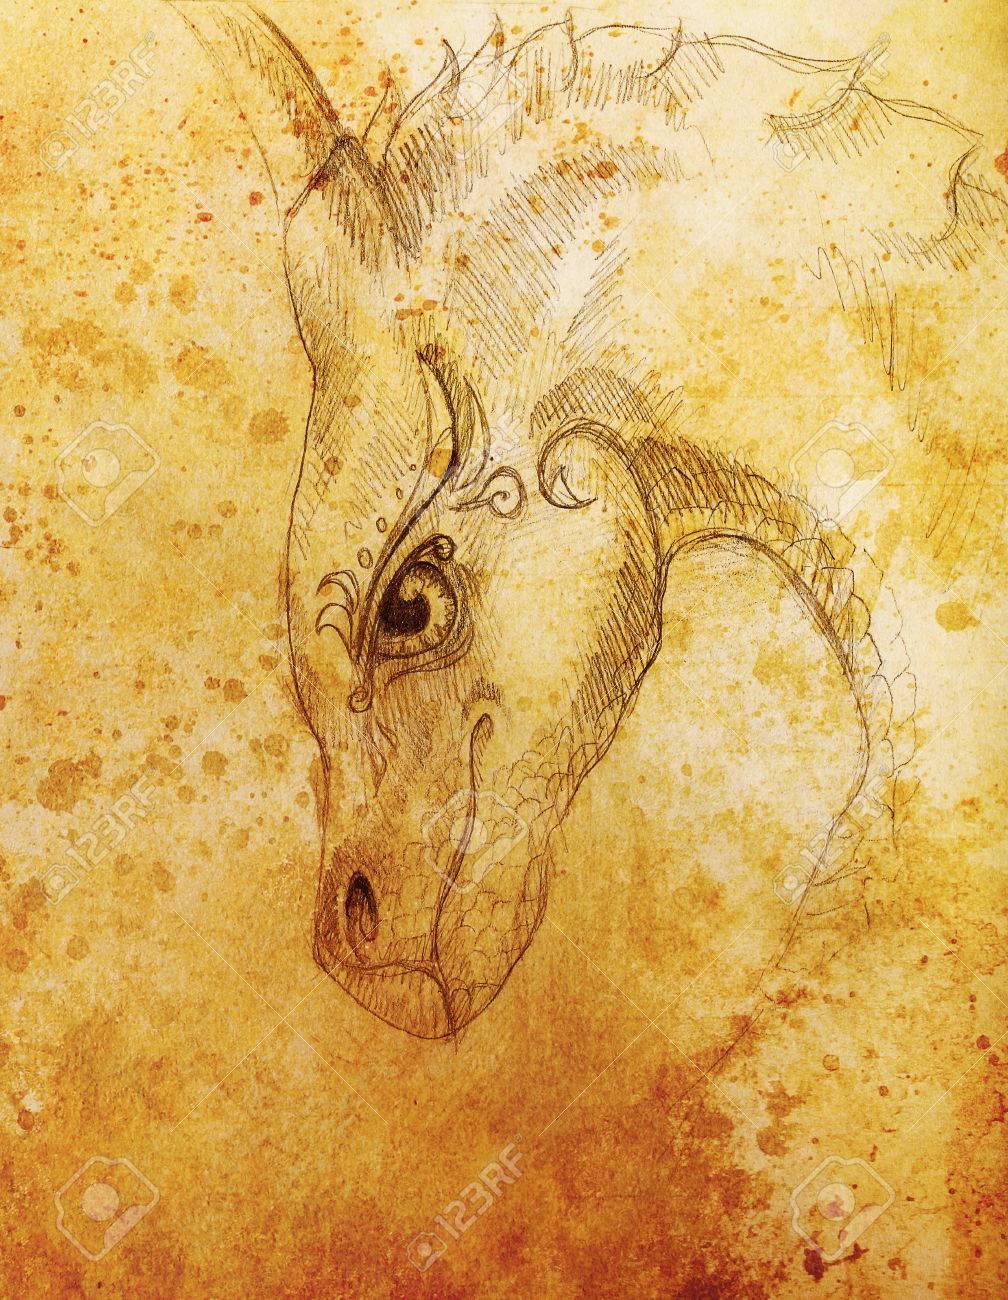 Lápiz De Dibujo De Dragón Y Sepia Color De Fondo Abstracto